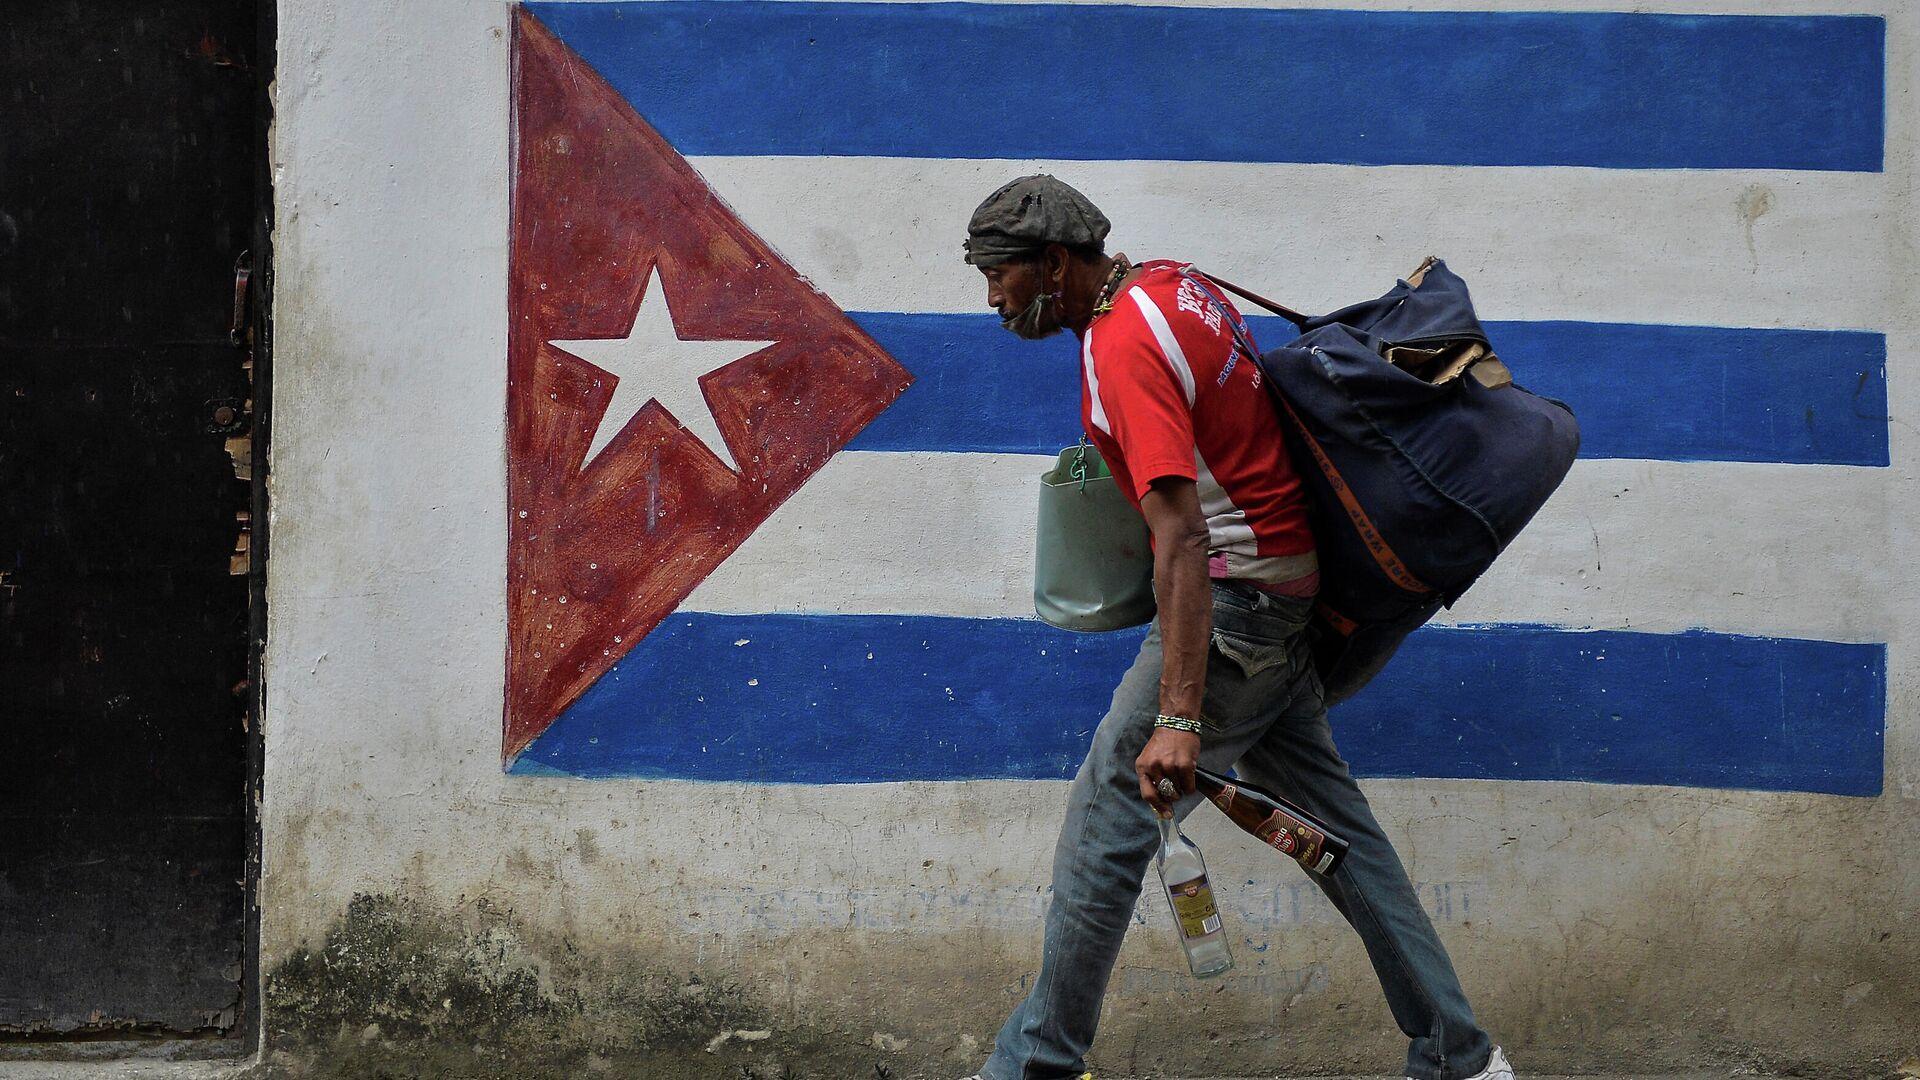 Un hombre caminando en La Habana, Cuba - Sputnik Mundo, 1920, 16.02.2021